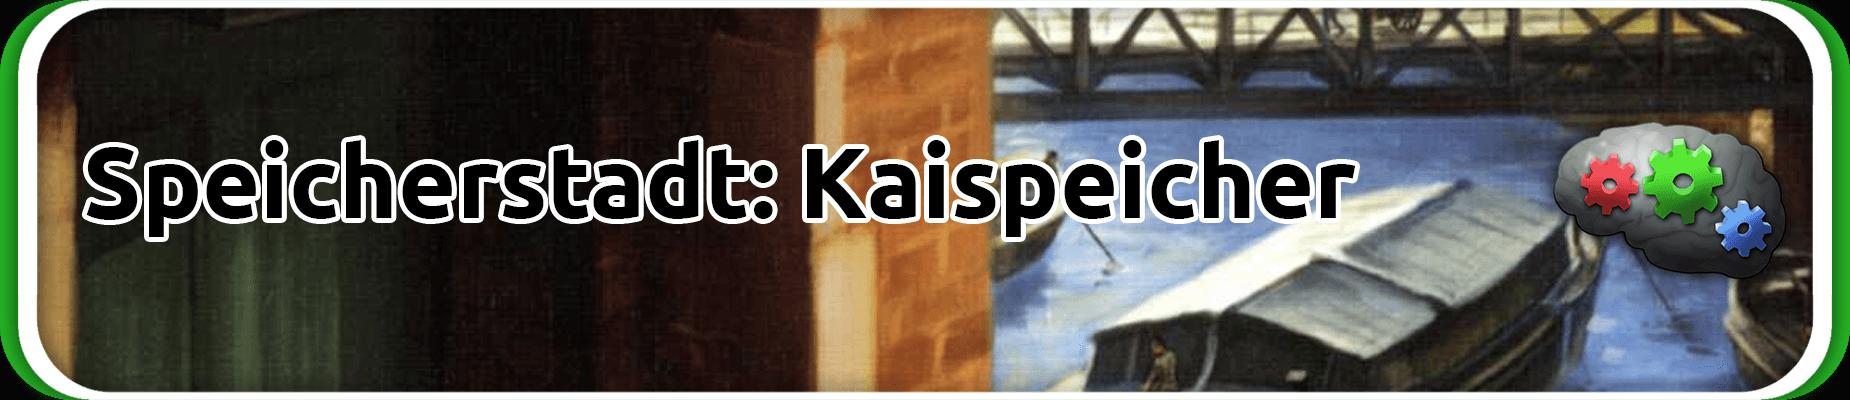 Speicherstadt Kaispeicher